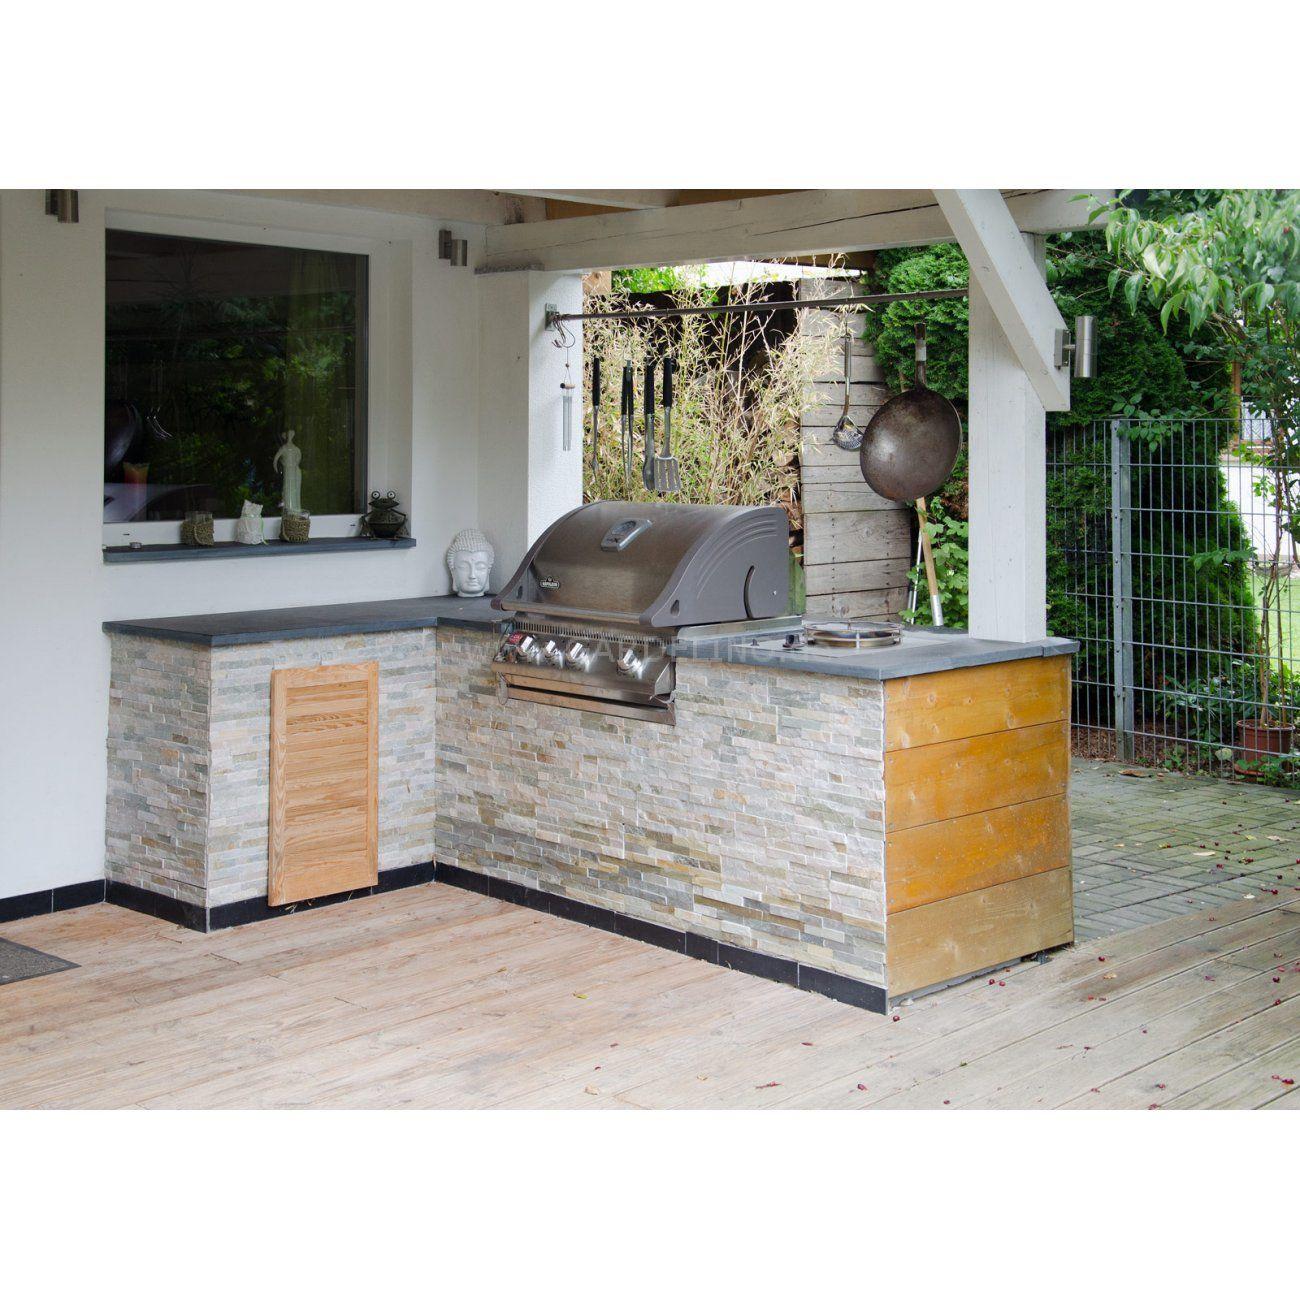 Stein Outdoorkuche In L Form Mit Wok Grill Und Napoleon Grill Stone Outdoor Kitchen With Wok Grill And Napoleon Gas Gri Aussenkuche Grillstein Outdoor Kuche